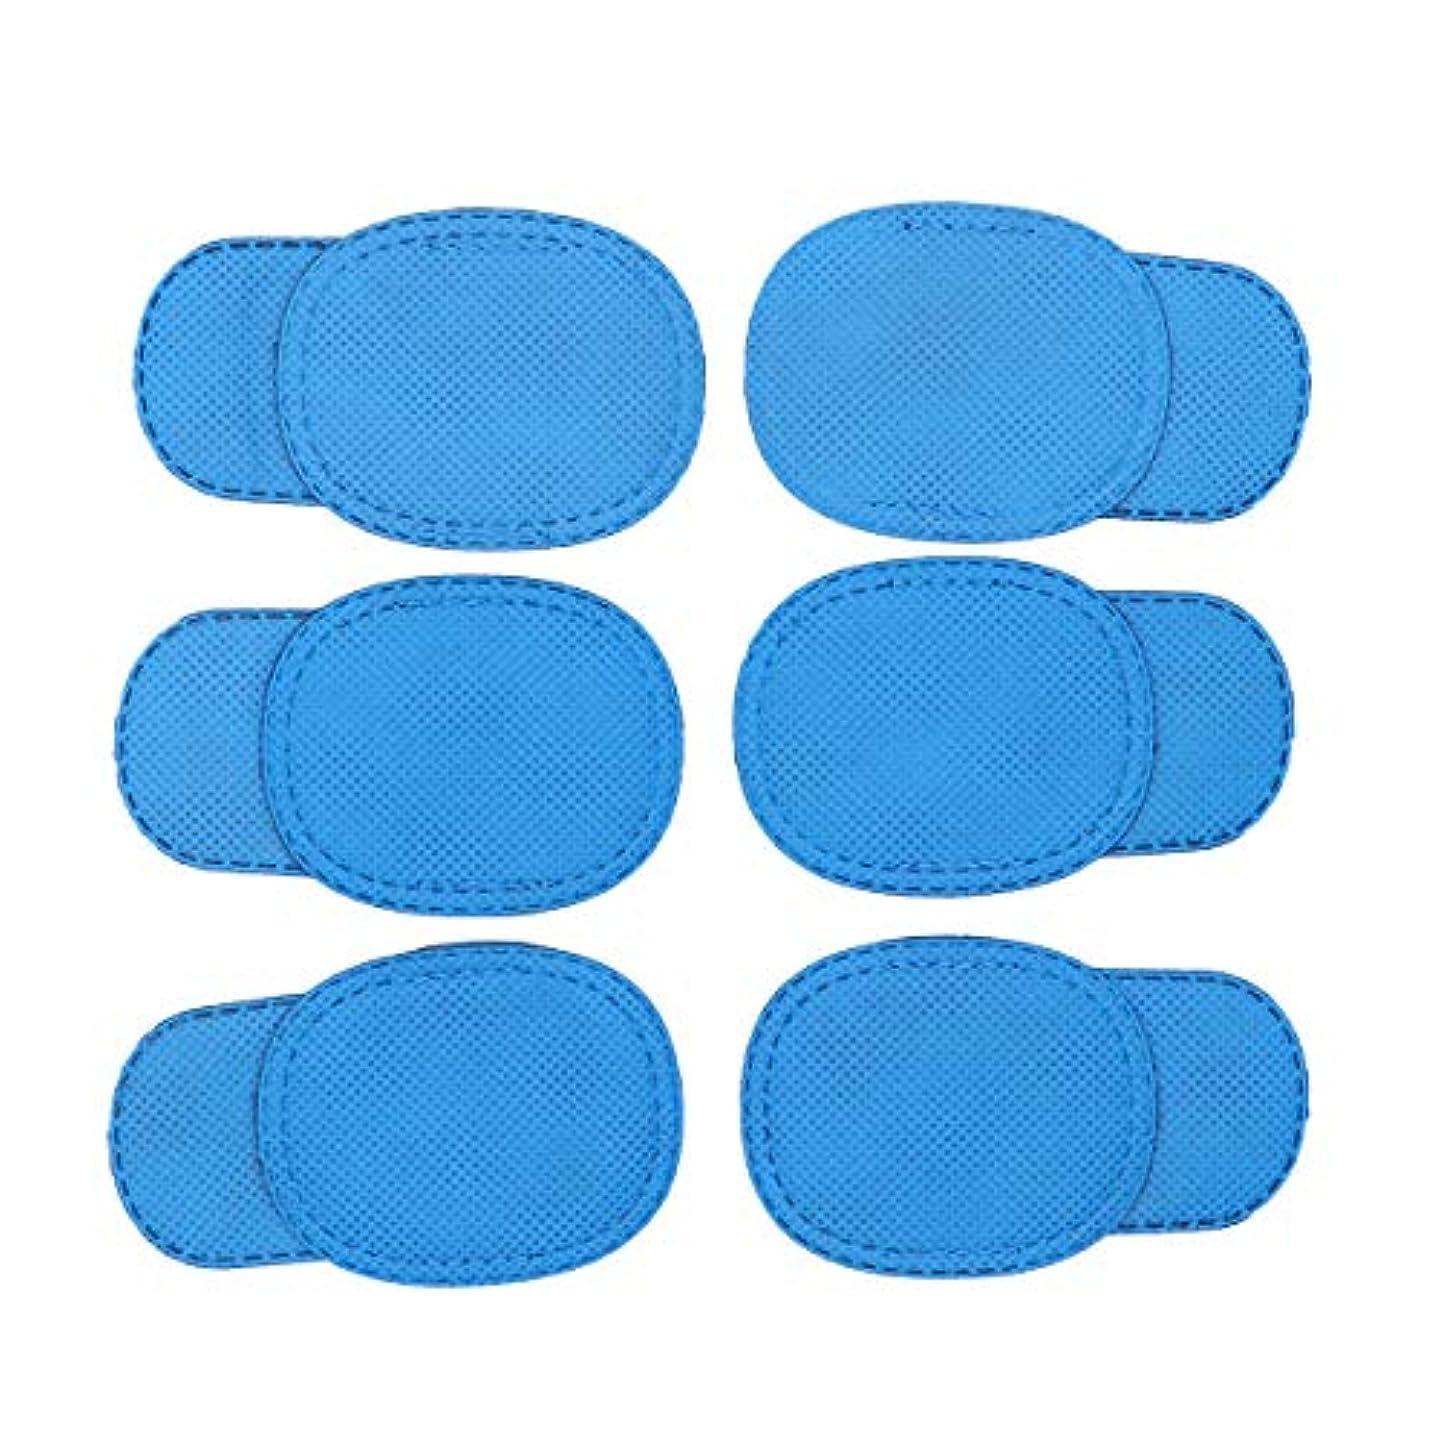 リーク謝る透けて見えるHealifty メガネのための12個の弱視アイパッチは子供のための怠惰な目と斜視を扱います子供(ブルー)